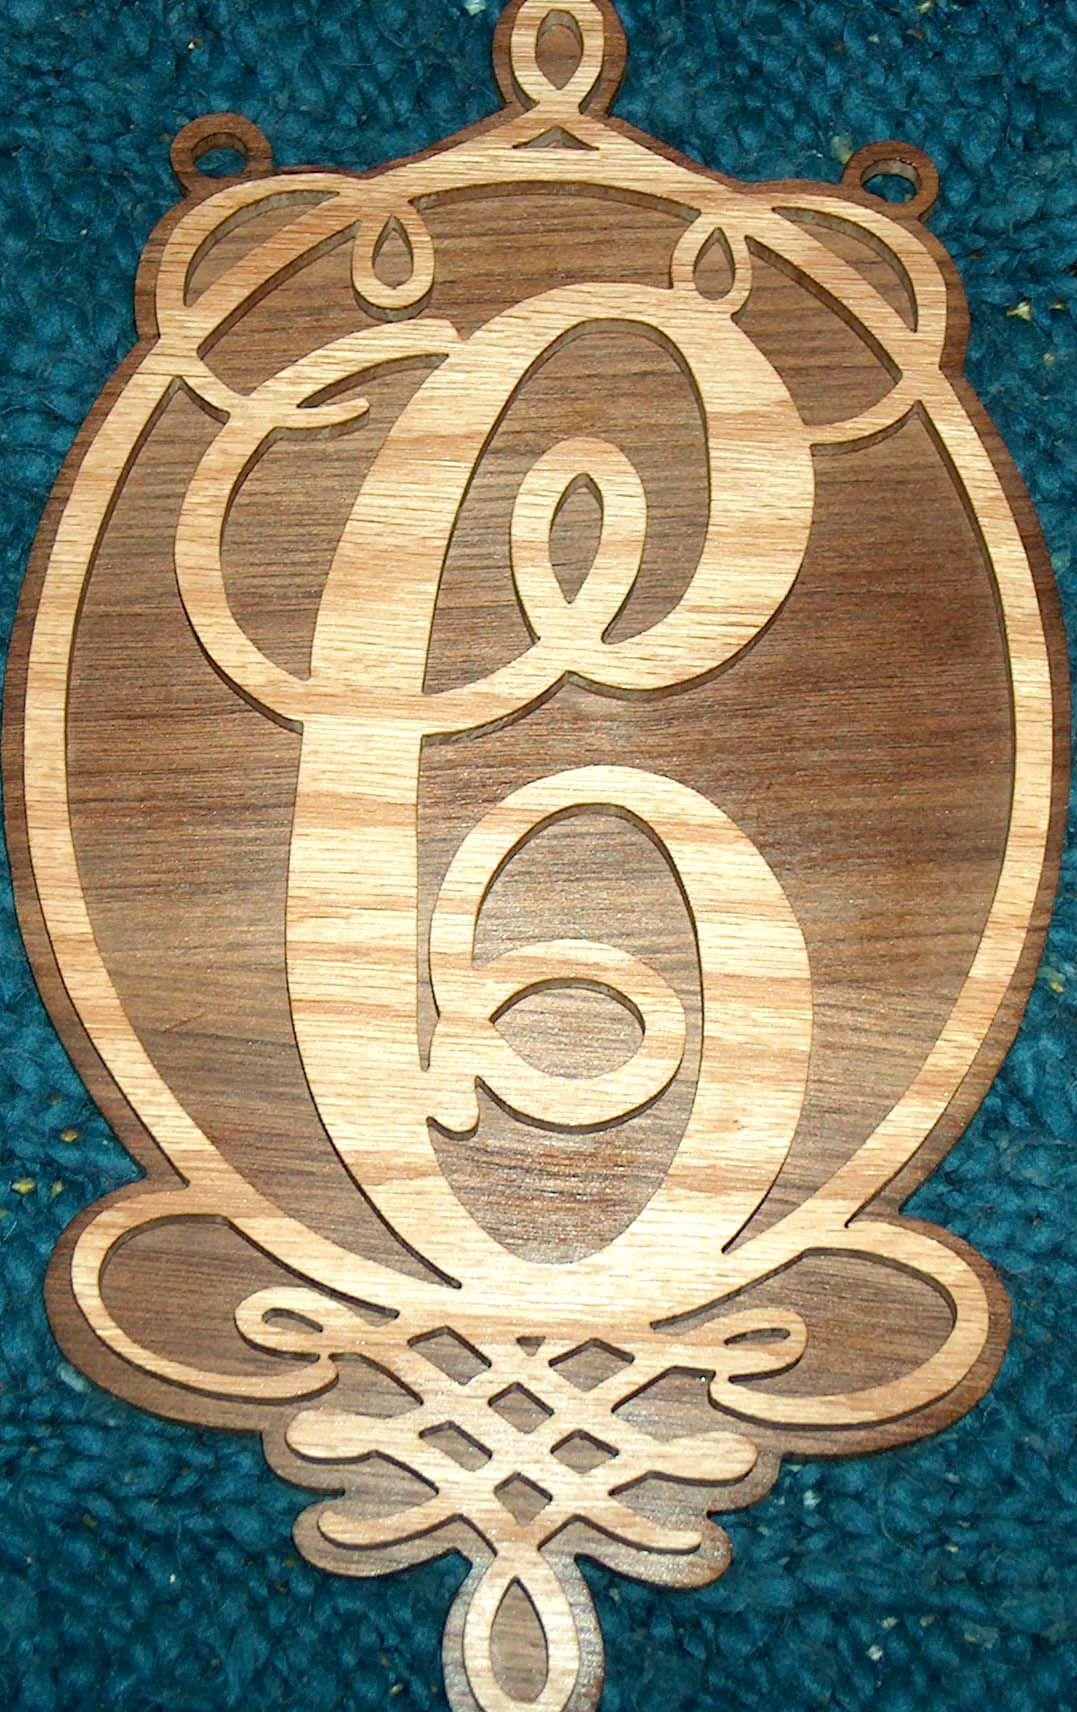 Wooden Monogram Wall Hanging, Door Hanger, House Warming Gift ...